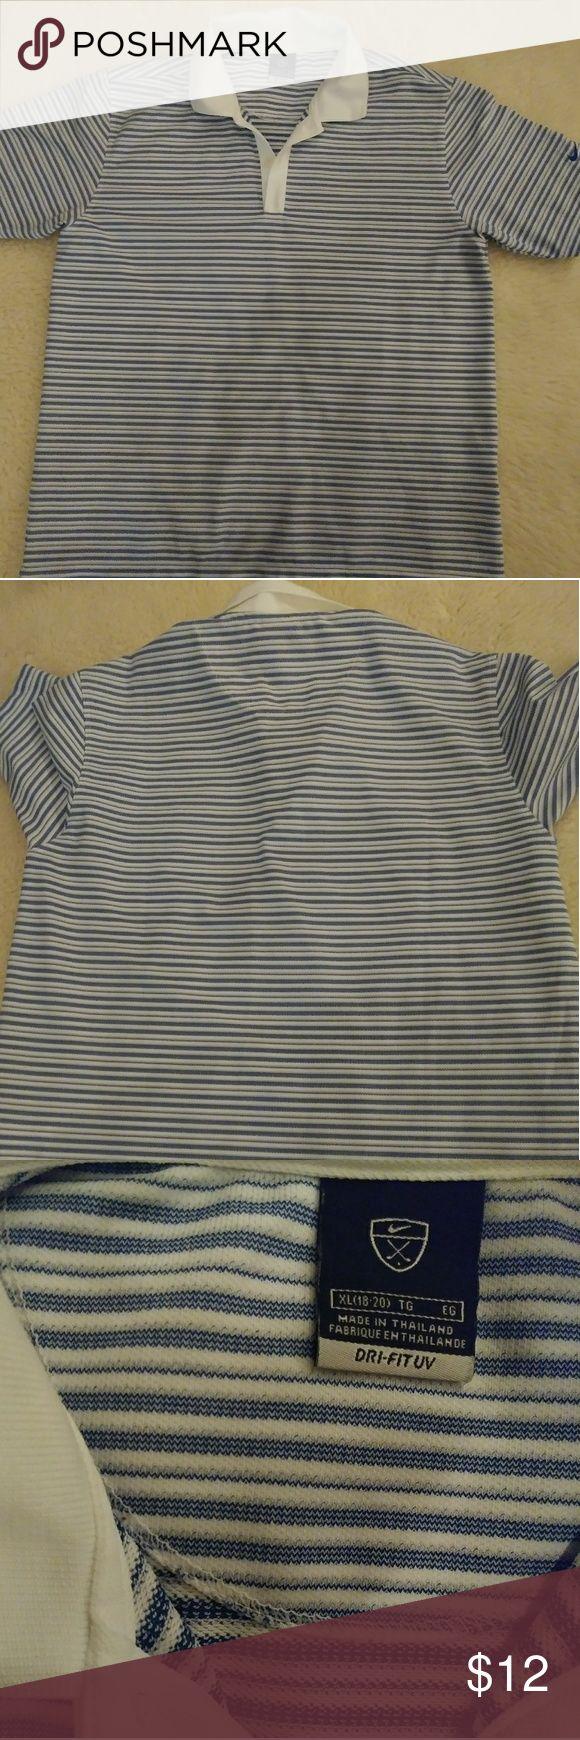 I just added this listing on Poshmark: Nike polo shirt Size:XL. #shopmycloset #poshmark #fashion #shopping #style #forsale #Nike #Other